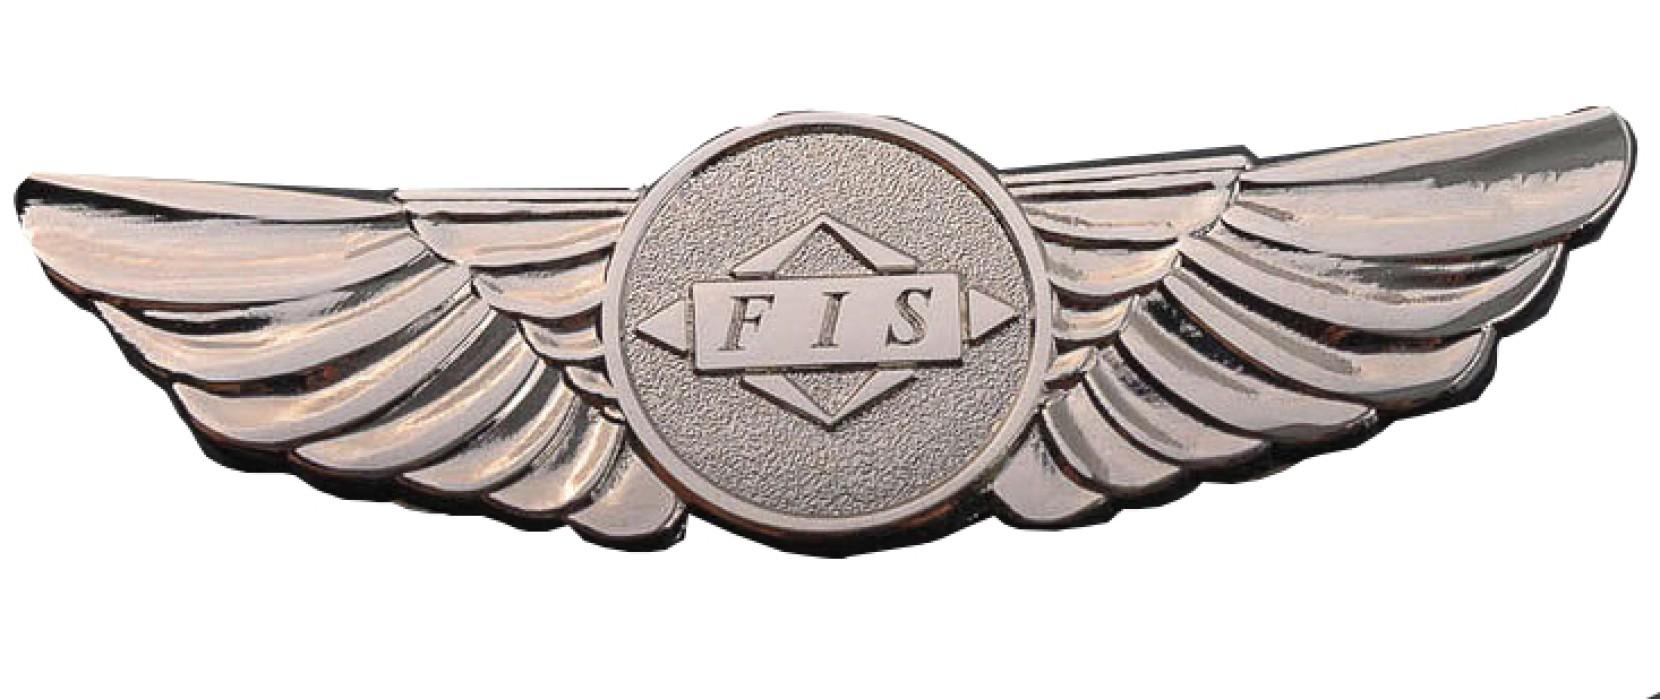 BGE005  自製金屬徽章款式   設計徽章款式  壓鑄徽章   訂造徽章款式   徽章生產商